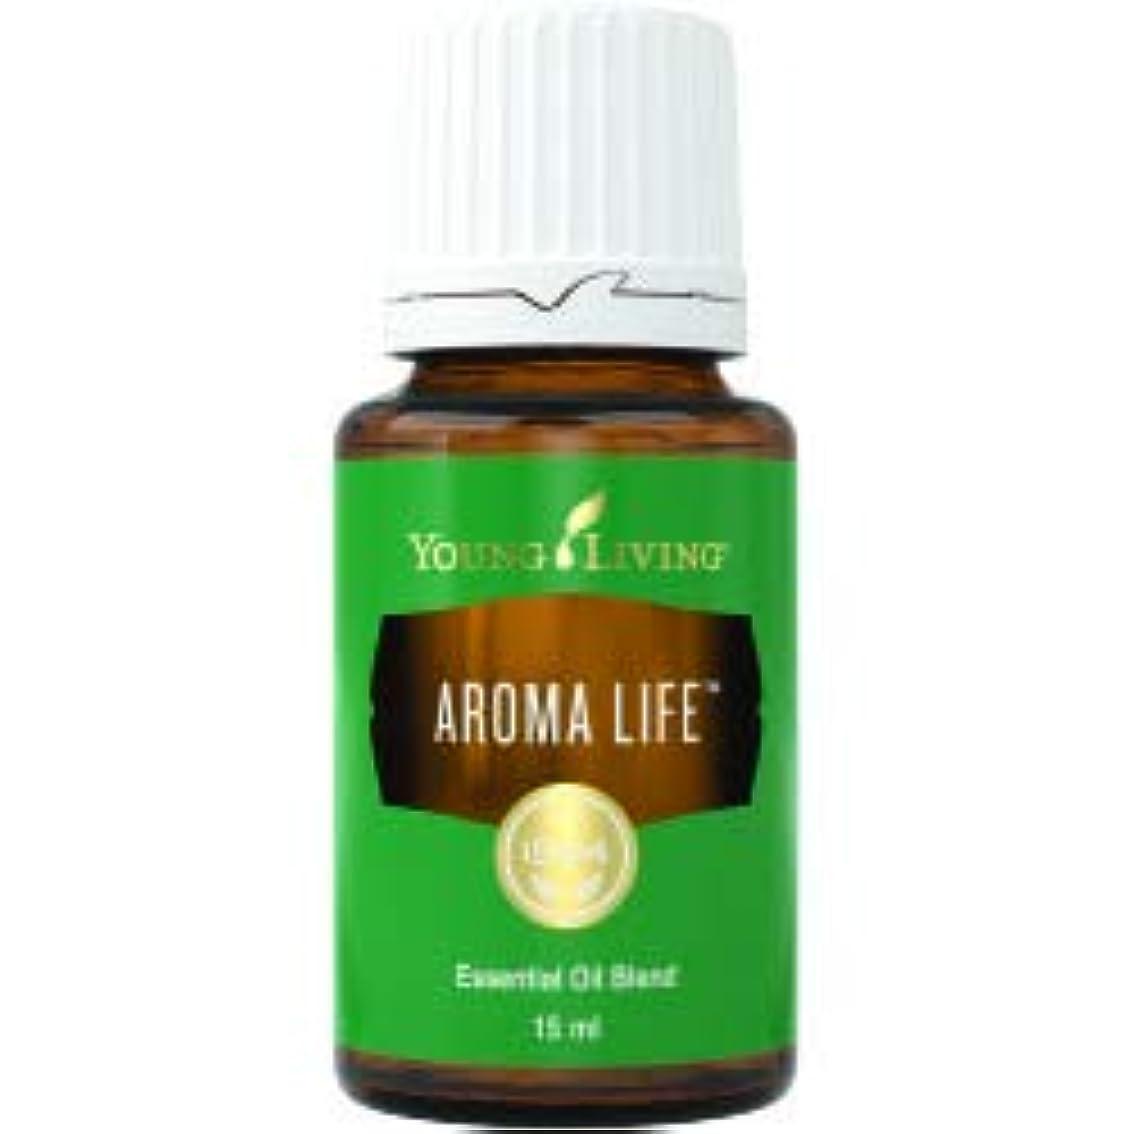 オゾン租界シリングアロマライフ™は、イランイランの調和効果と既知の大手サイプレス、ヘリクリサム、マジョラムを組み合わせたものです。オイルブレンドはあなたの生命力を活性化し、リラックスをもたらします Aroma Life Essential...